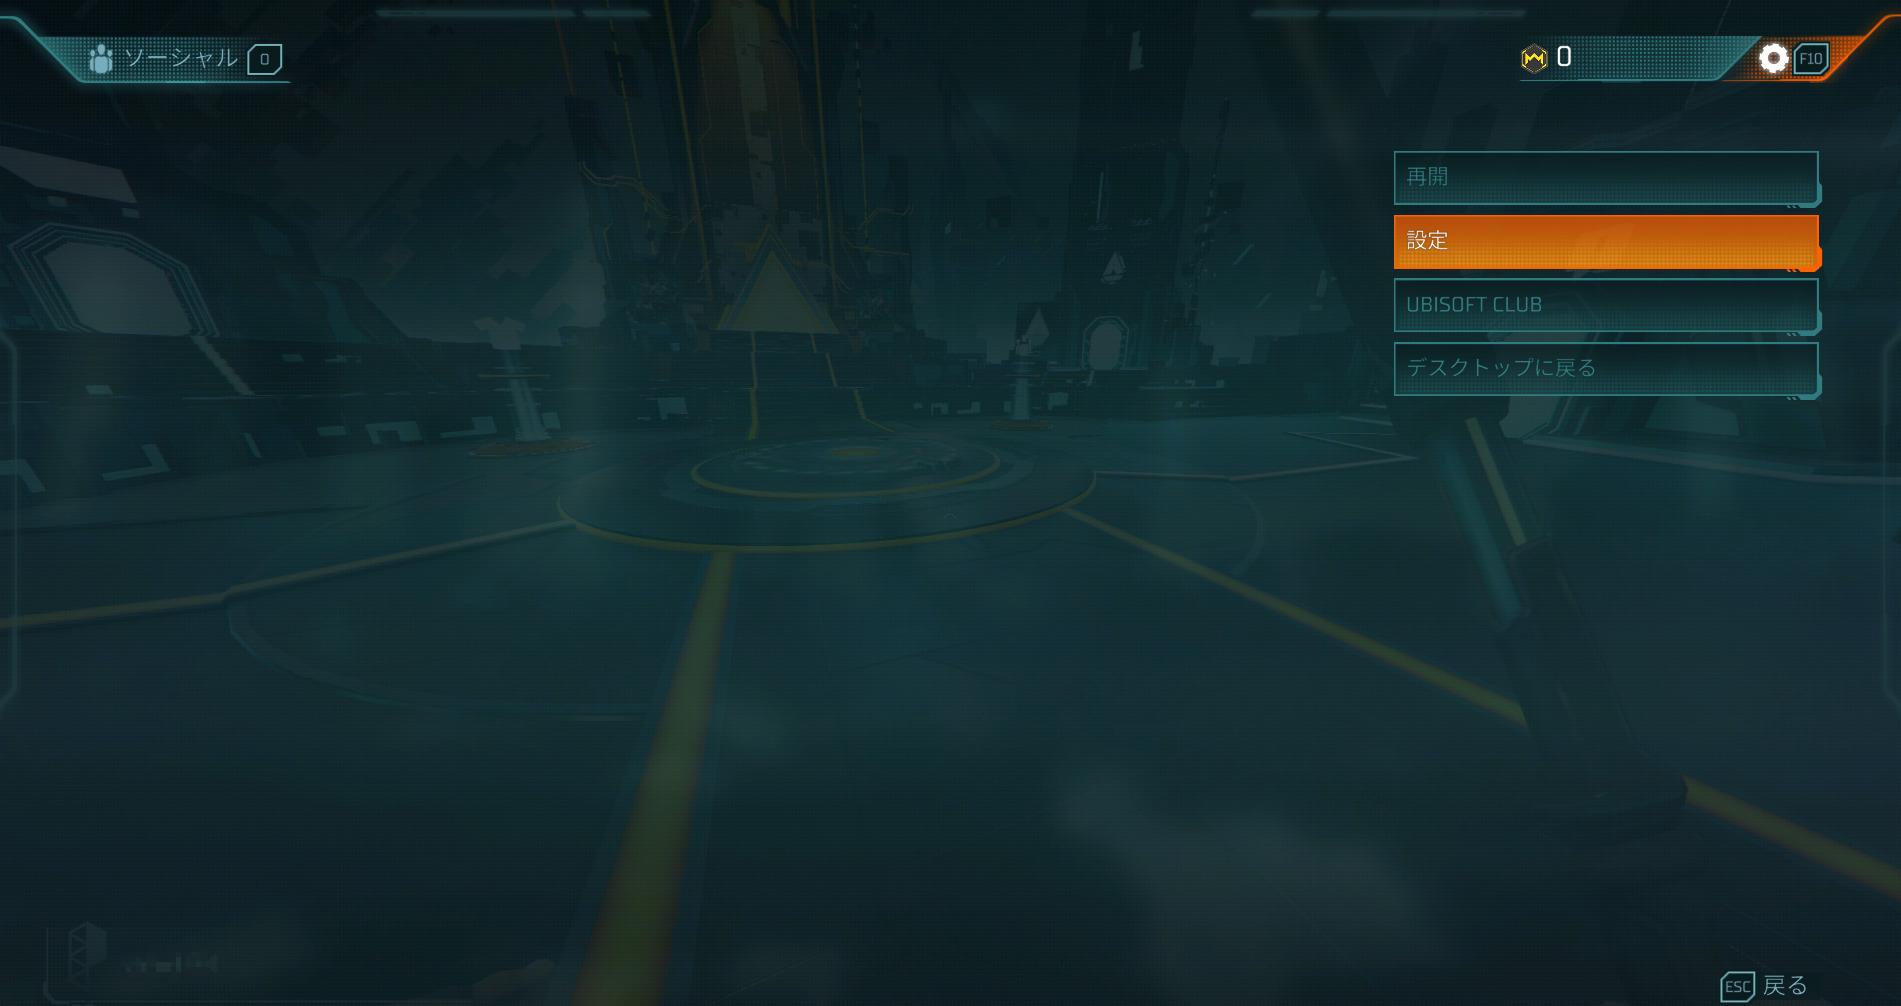 ハイパースケープ ゲーム画面